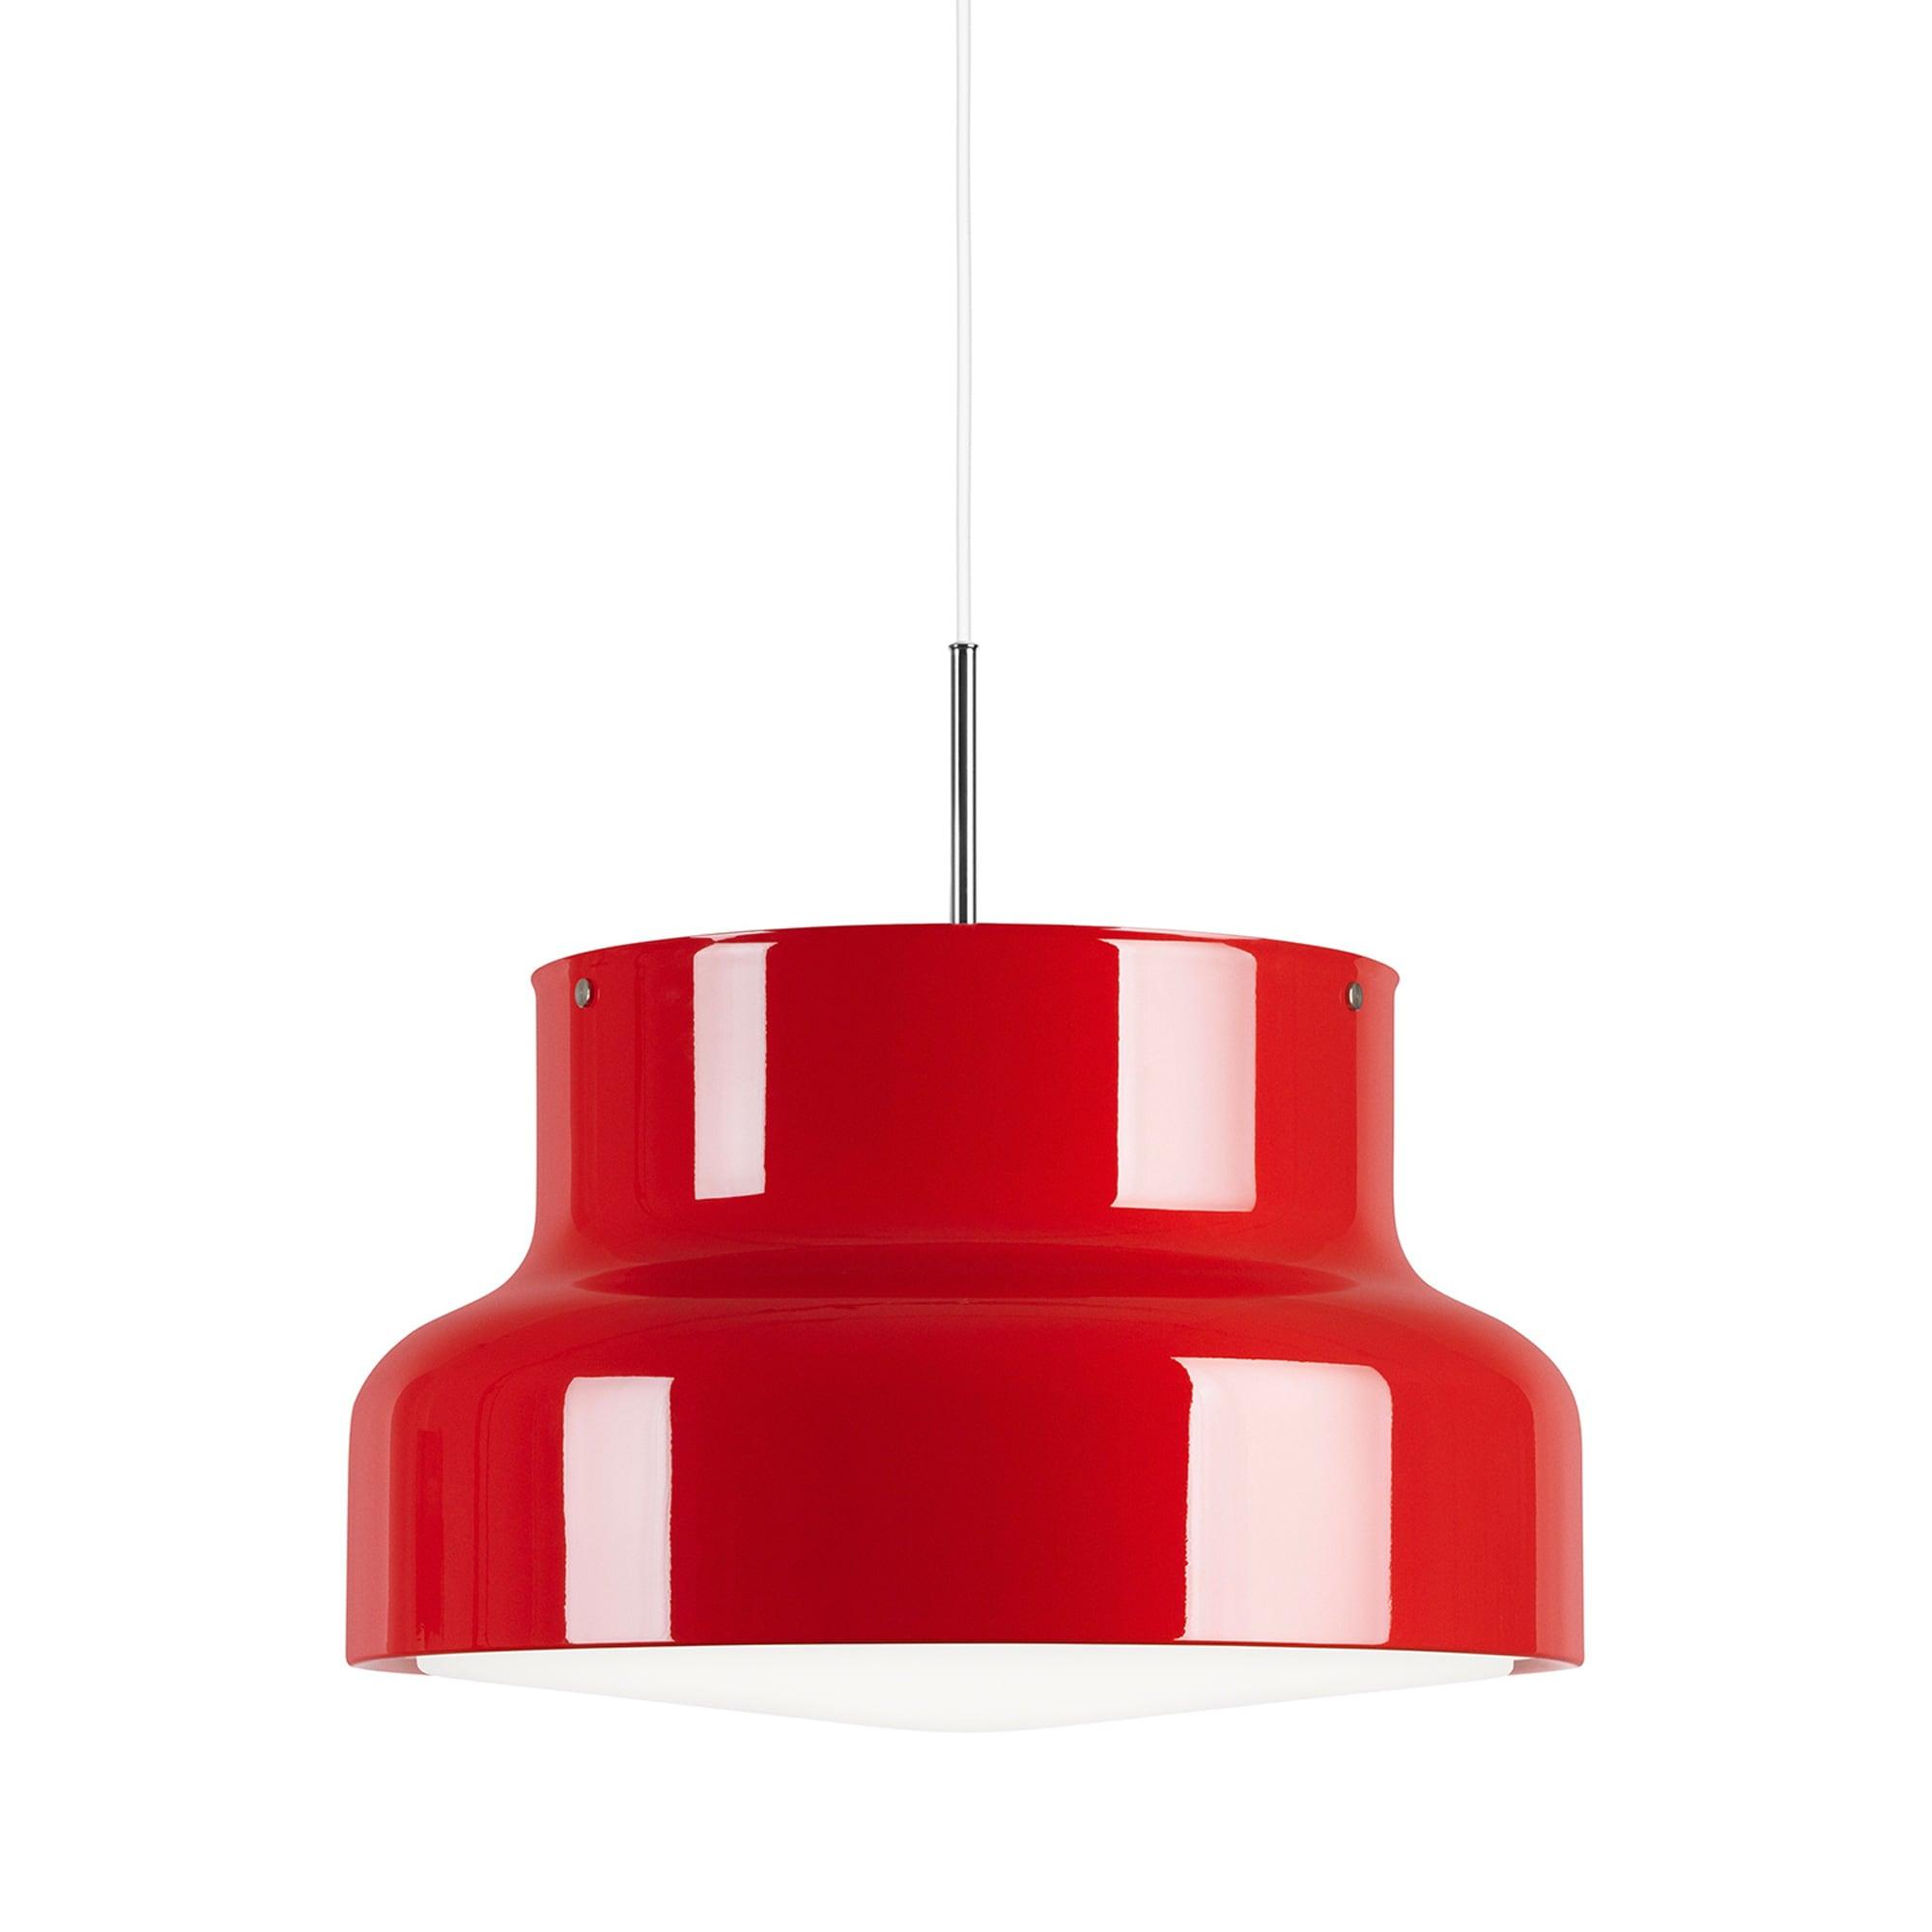 Bumling Ø400 med ringraster i akryl röd